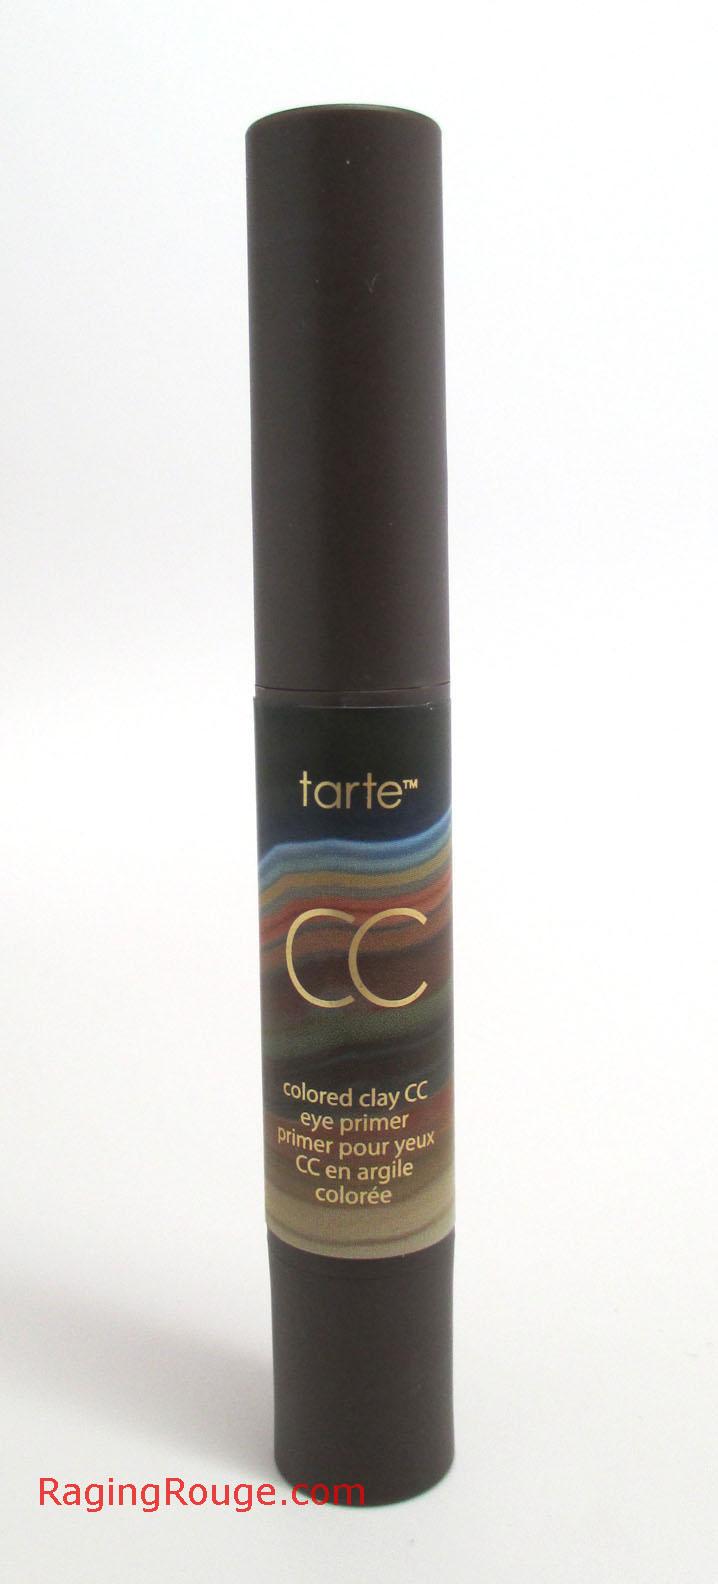 Tarte CC Eye Primer